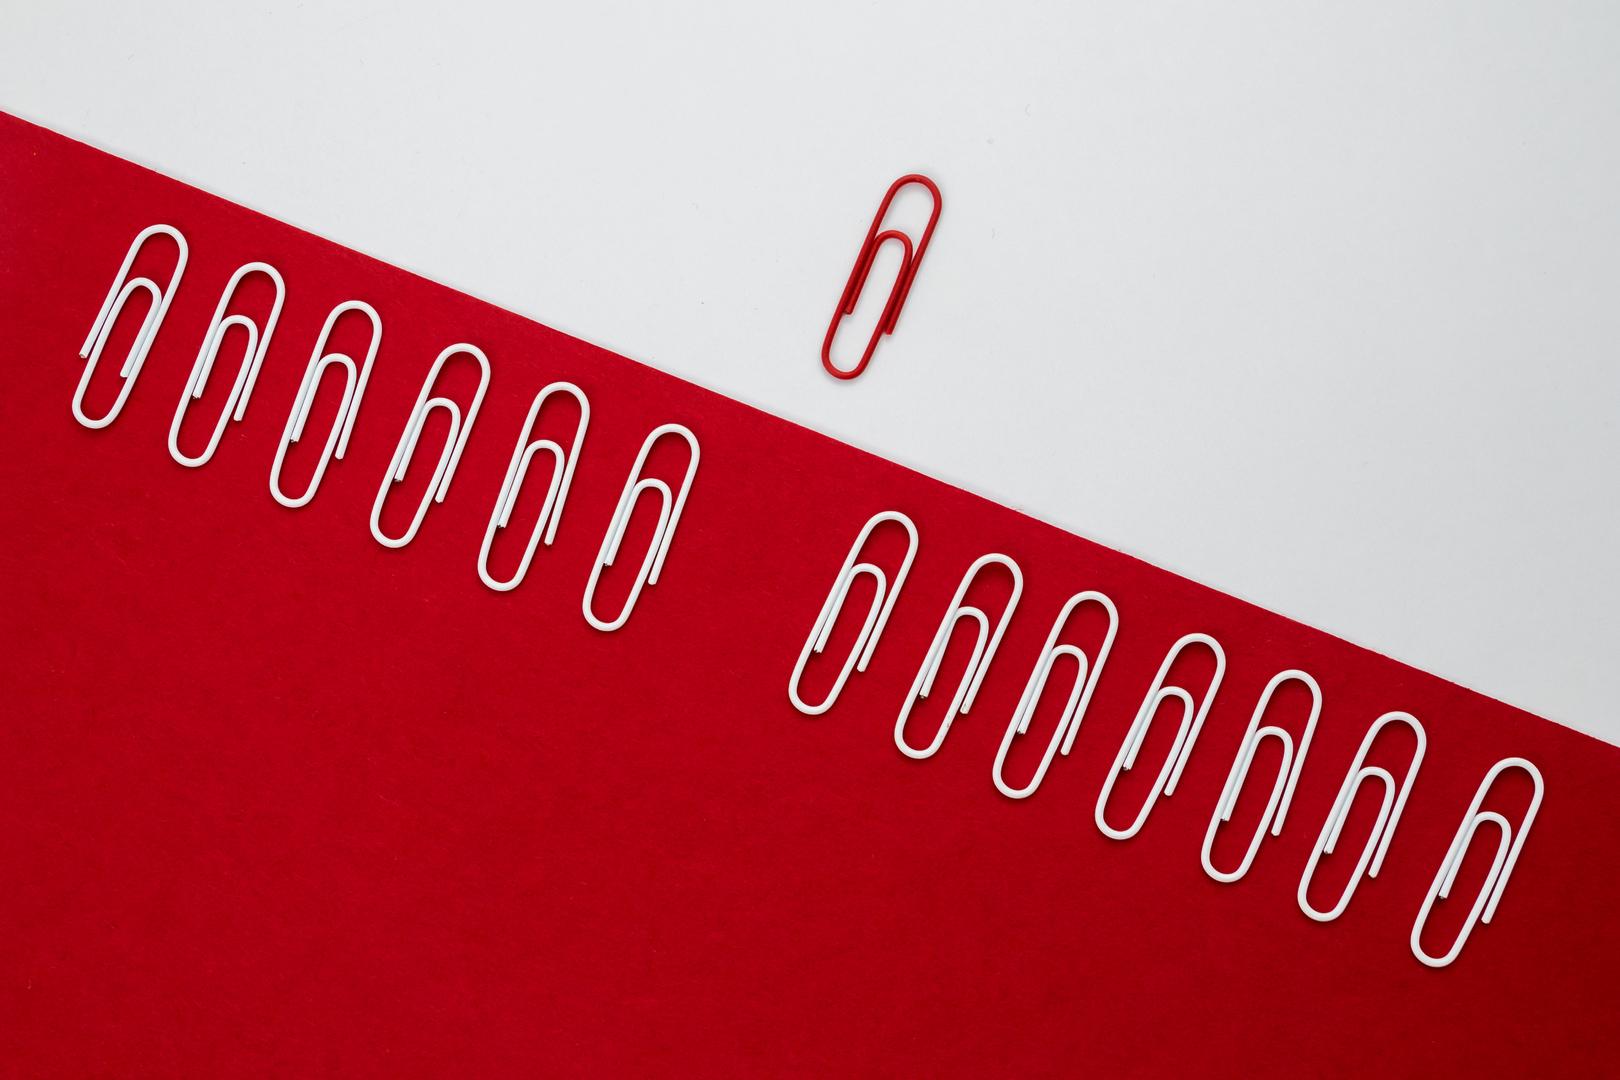 Hình nền màu đỏ đơn giản